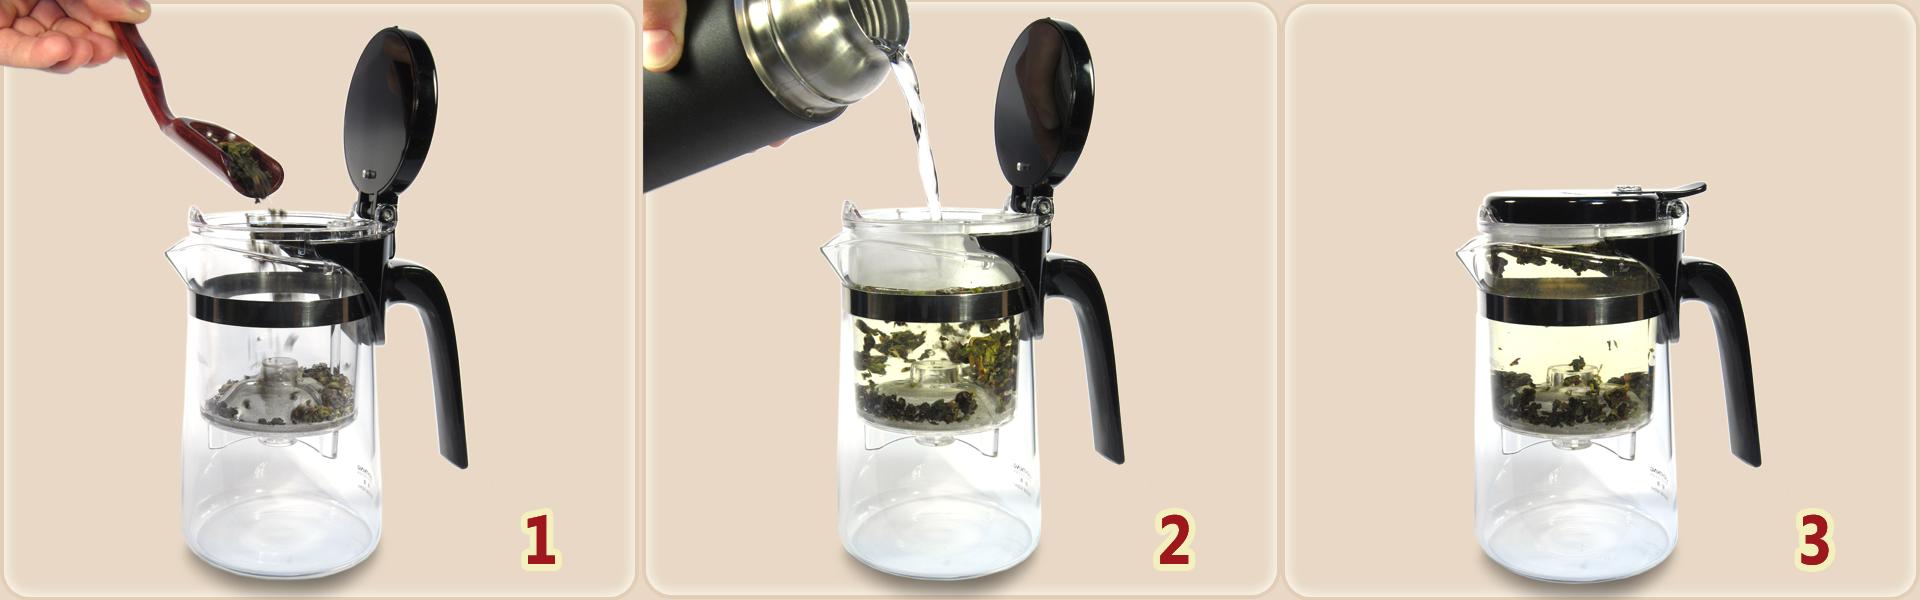 Fonctionnement de la théière avec infuseur : 1. Dosez les feuilles de thé dans l'infuseur. 2. Versez l'eau chaude dans l'infuseur. 3. Patientez...